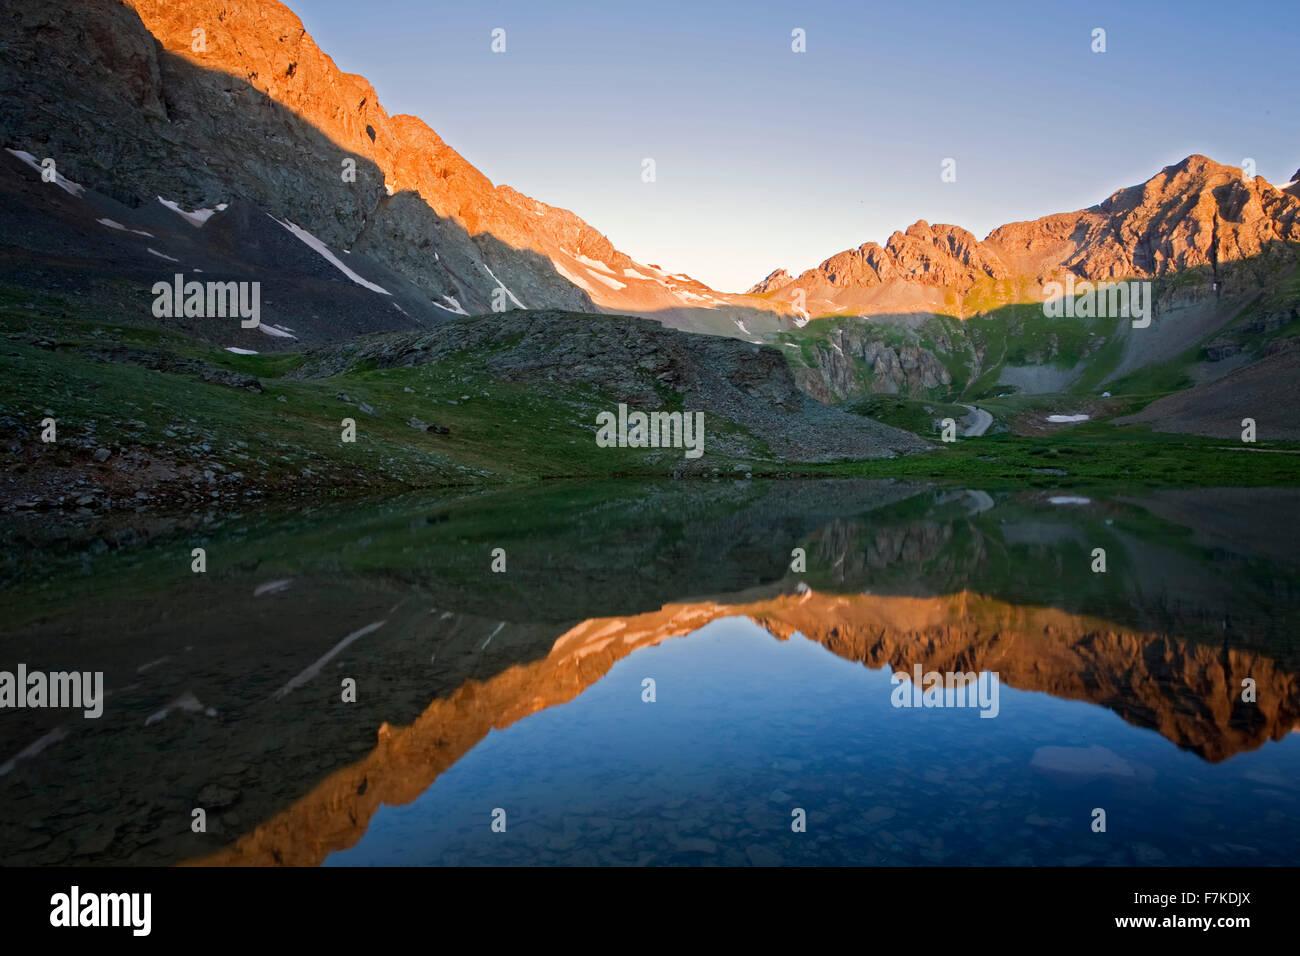 Montañas reflejadas sobre estanque cerca de Clear Lake, el Bosque Nacional de San Juan, Colorado, EE.UU. Imagen De Stock